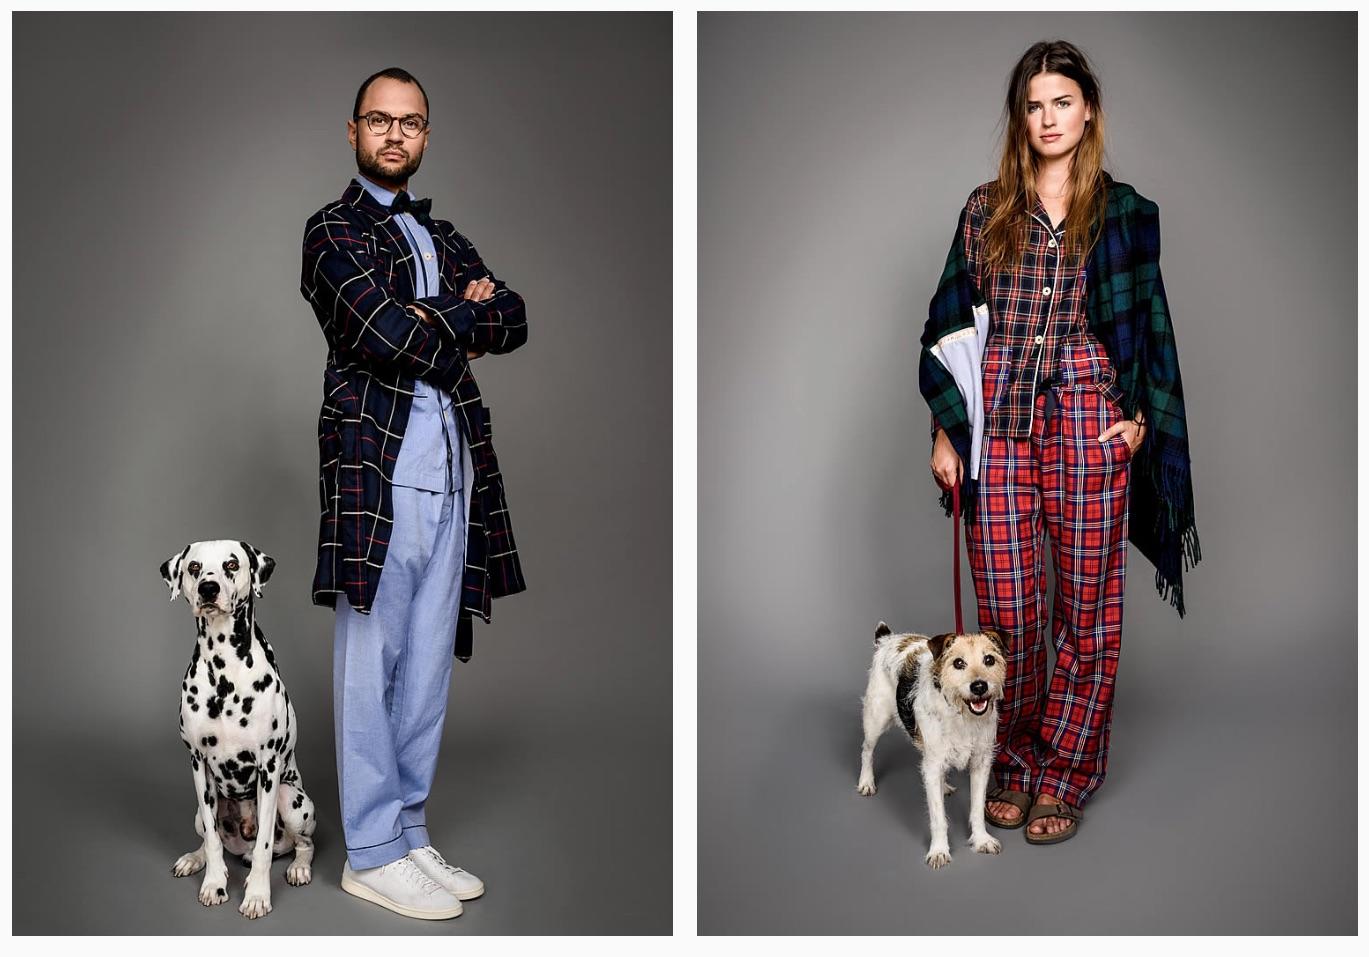 """Ein gutes Beispiel um die Unisex-Idee zu zeigen: Der Pyjama ist ein universelles Kleidungsstück, dass von Männern und Frauen gleichermaßen getragen werden kann. Hier von dem Label """"Maison Marcy""""."""